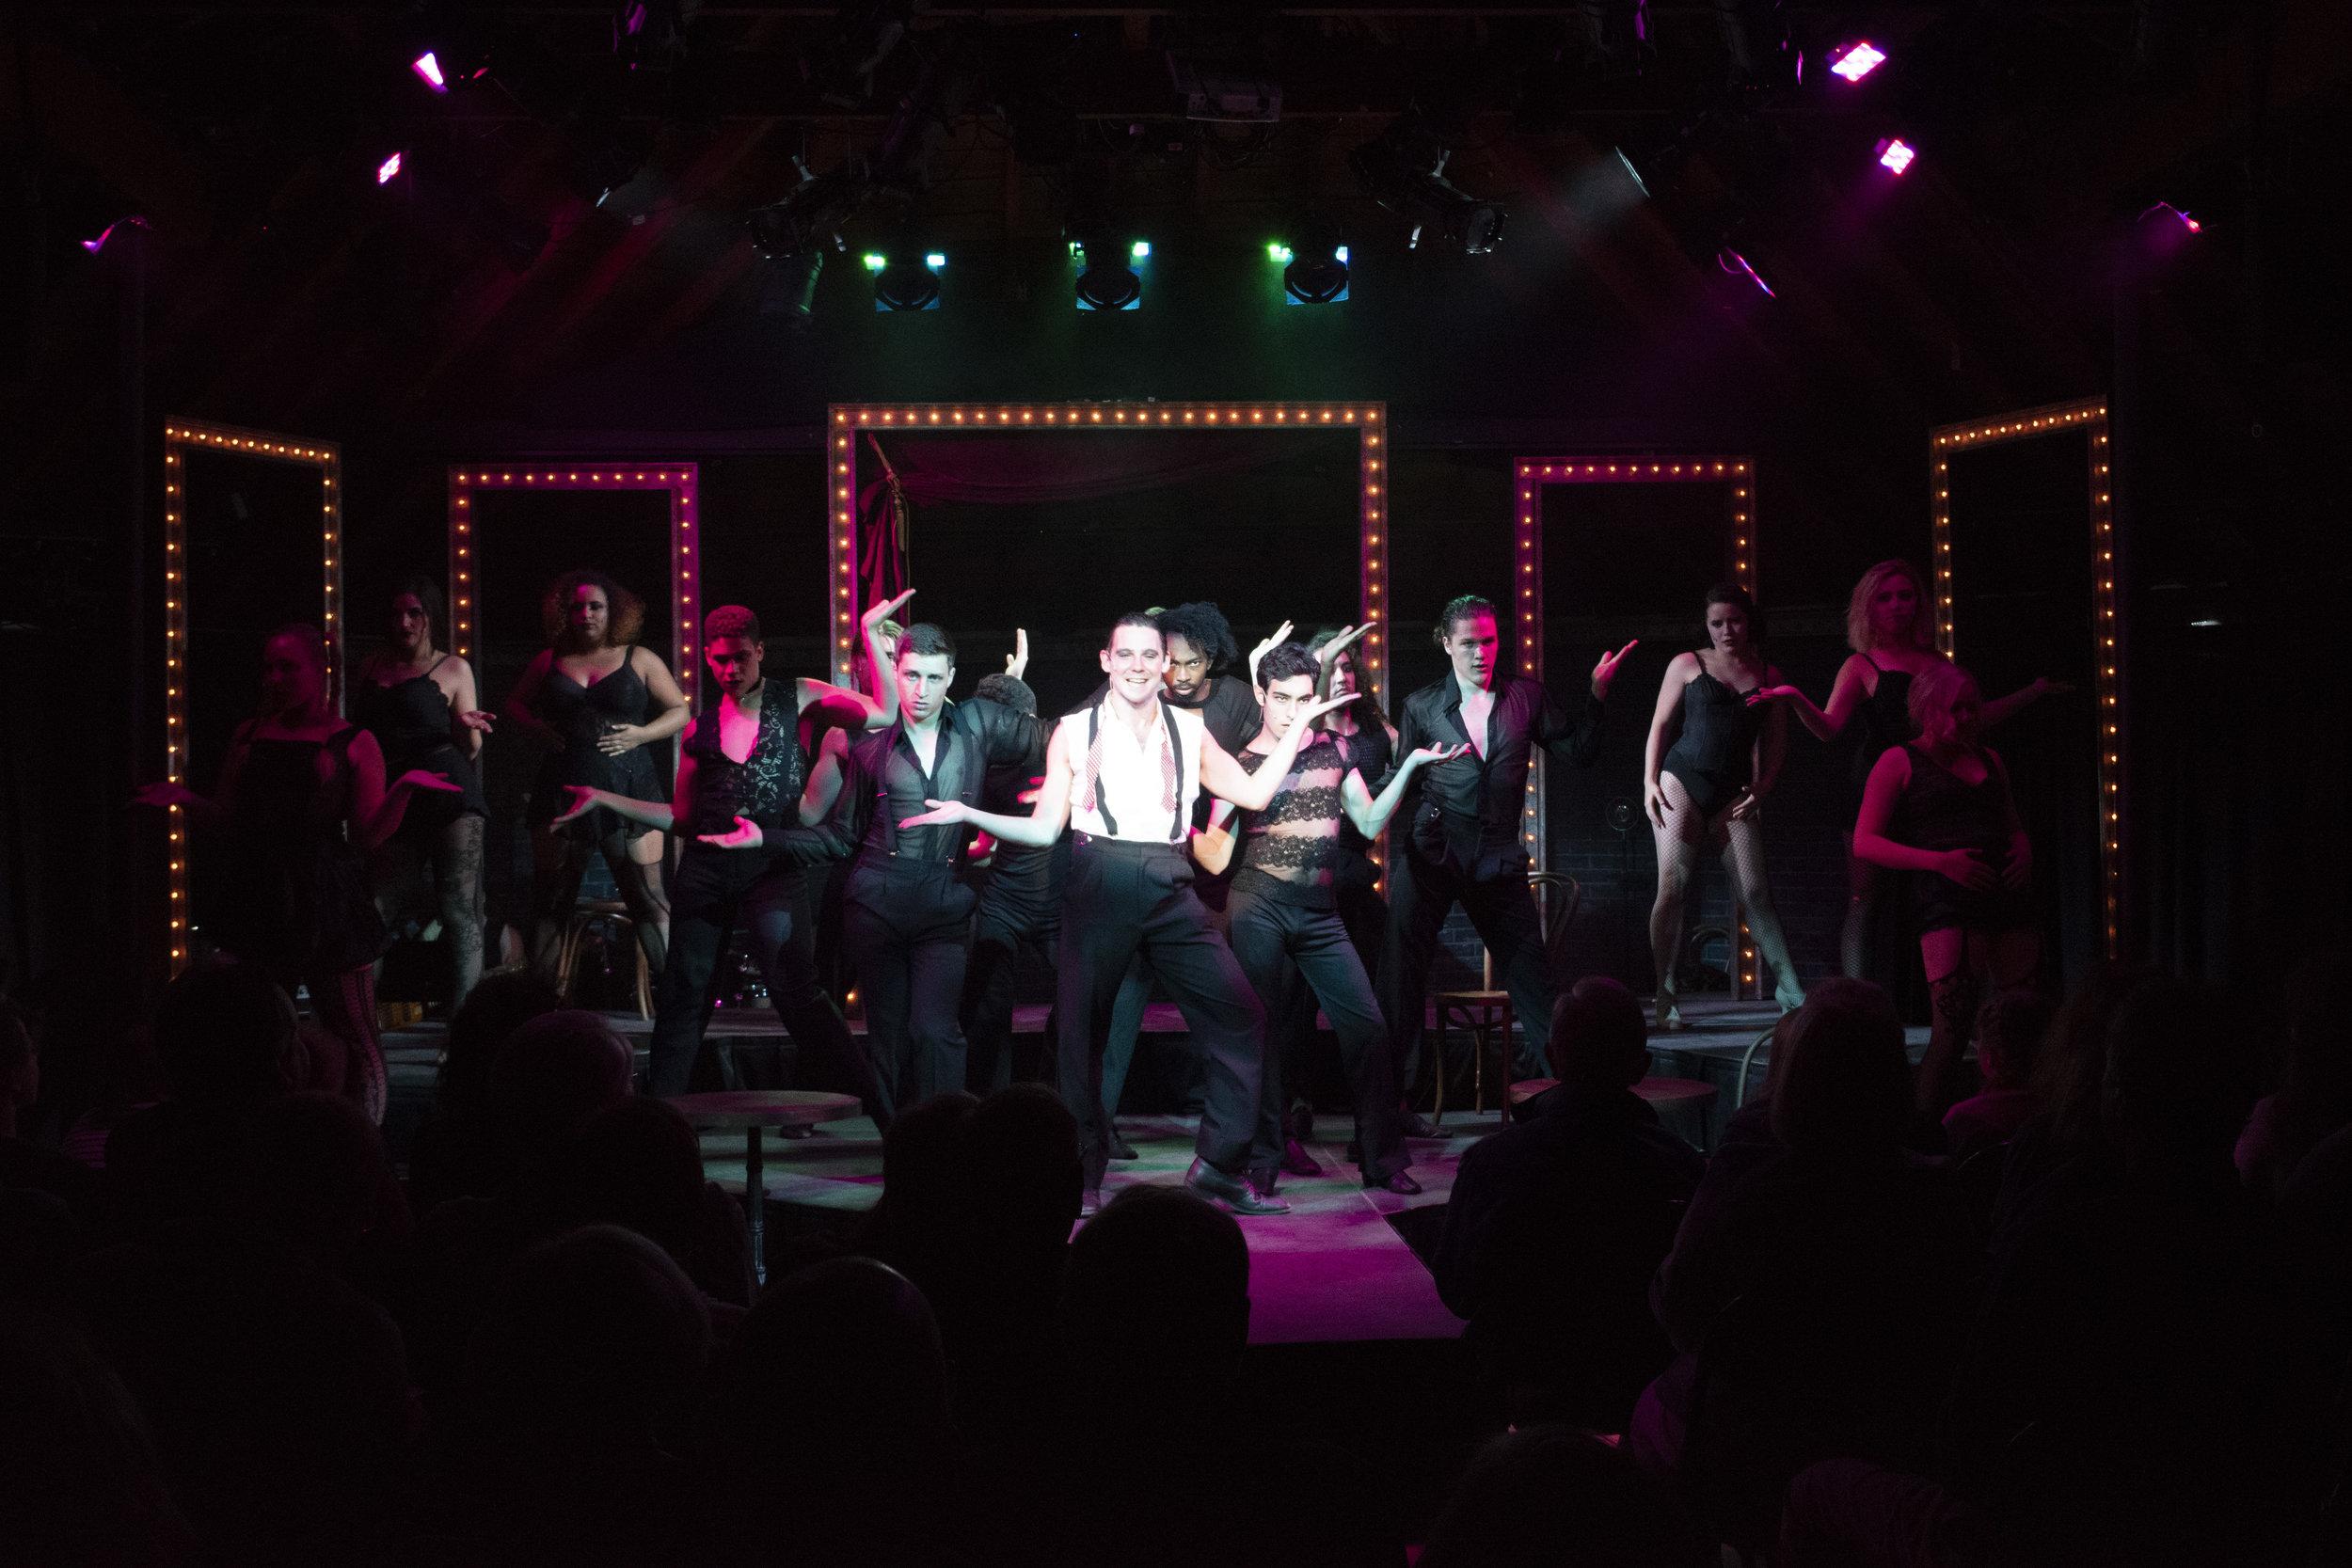 Cabaret - Musical